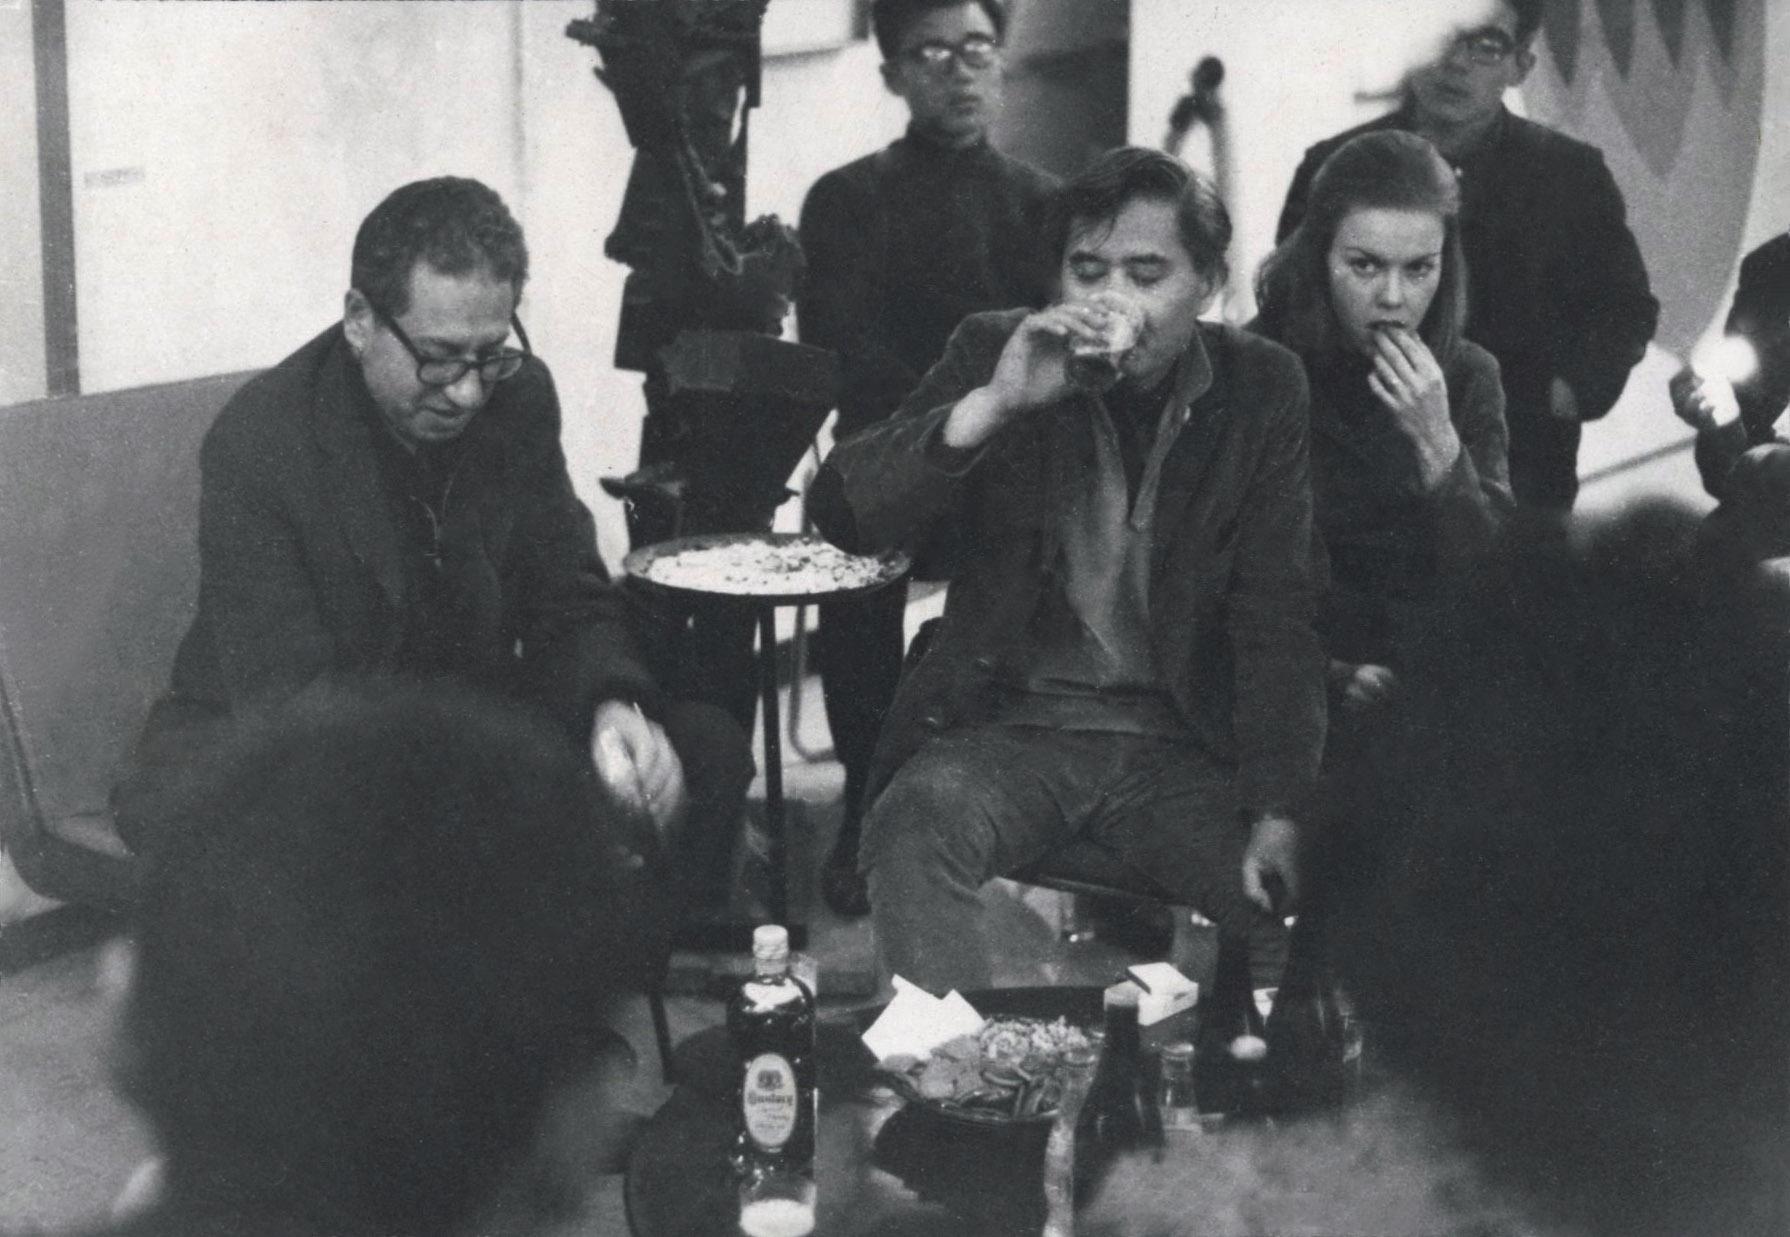 Kanemitsu and Jules Langsner visiting the Gutai group in Osaka, Japan, 1964.